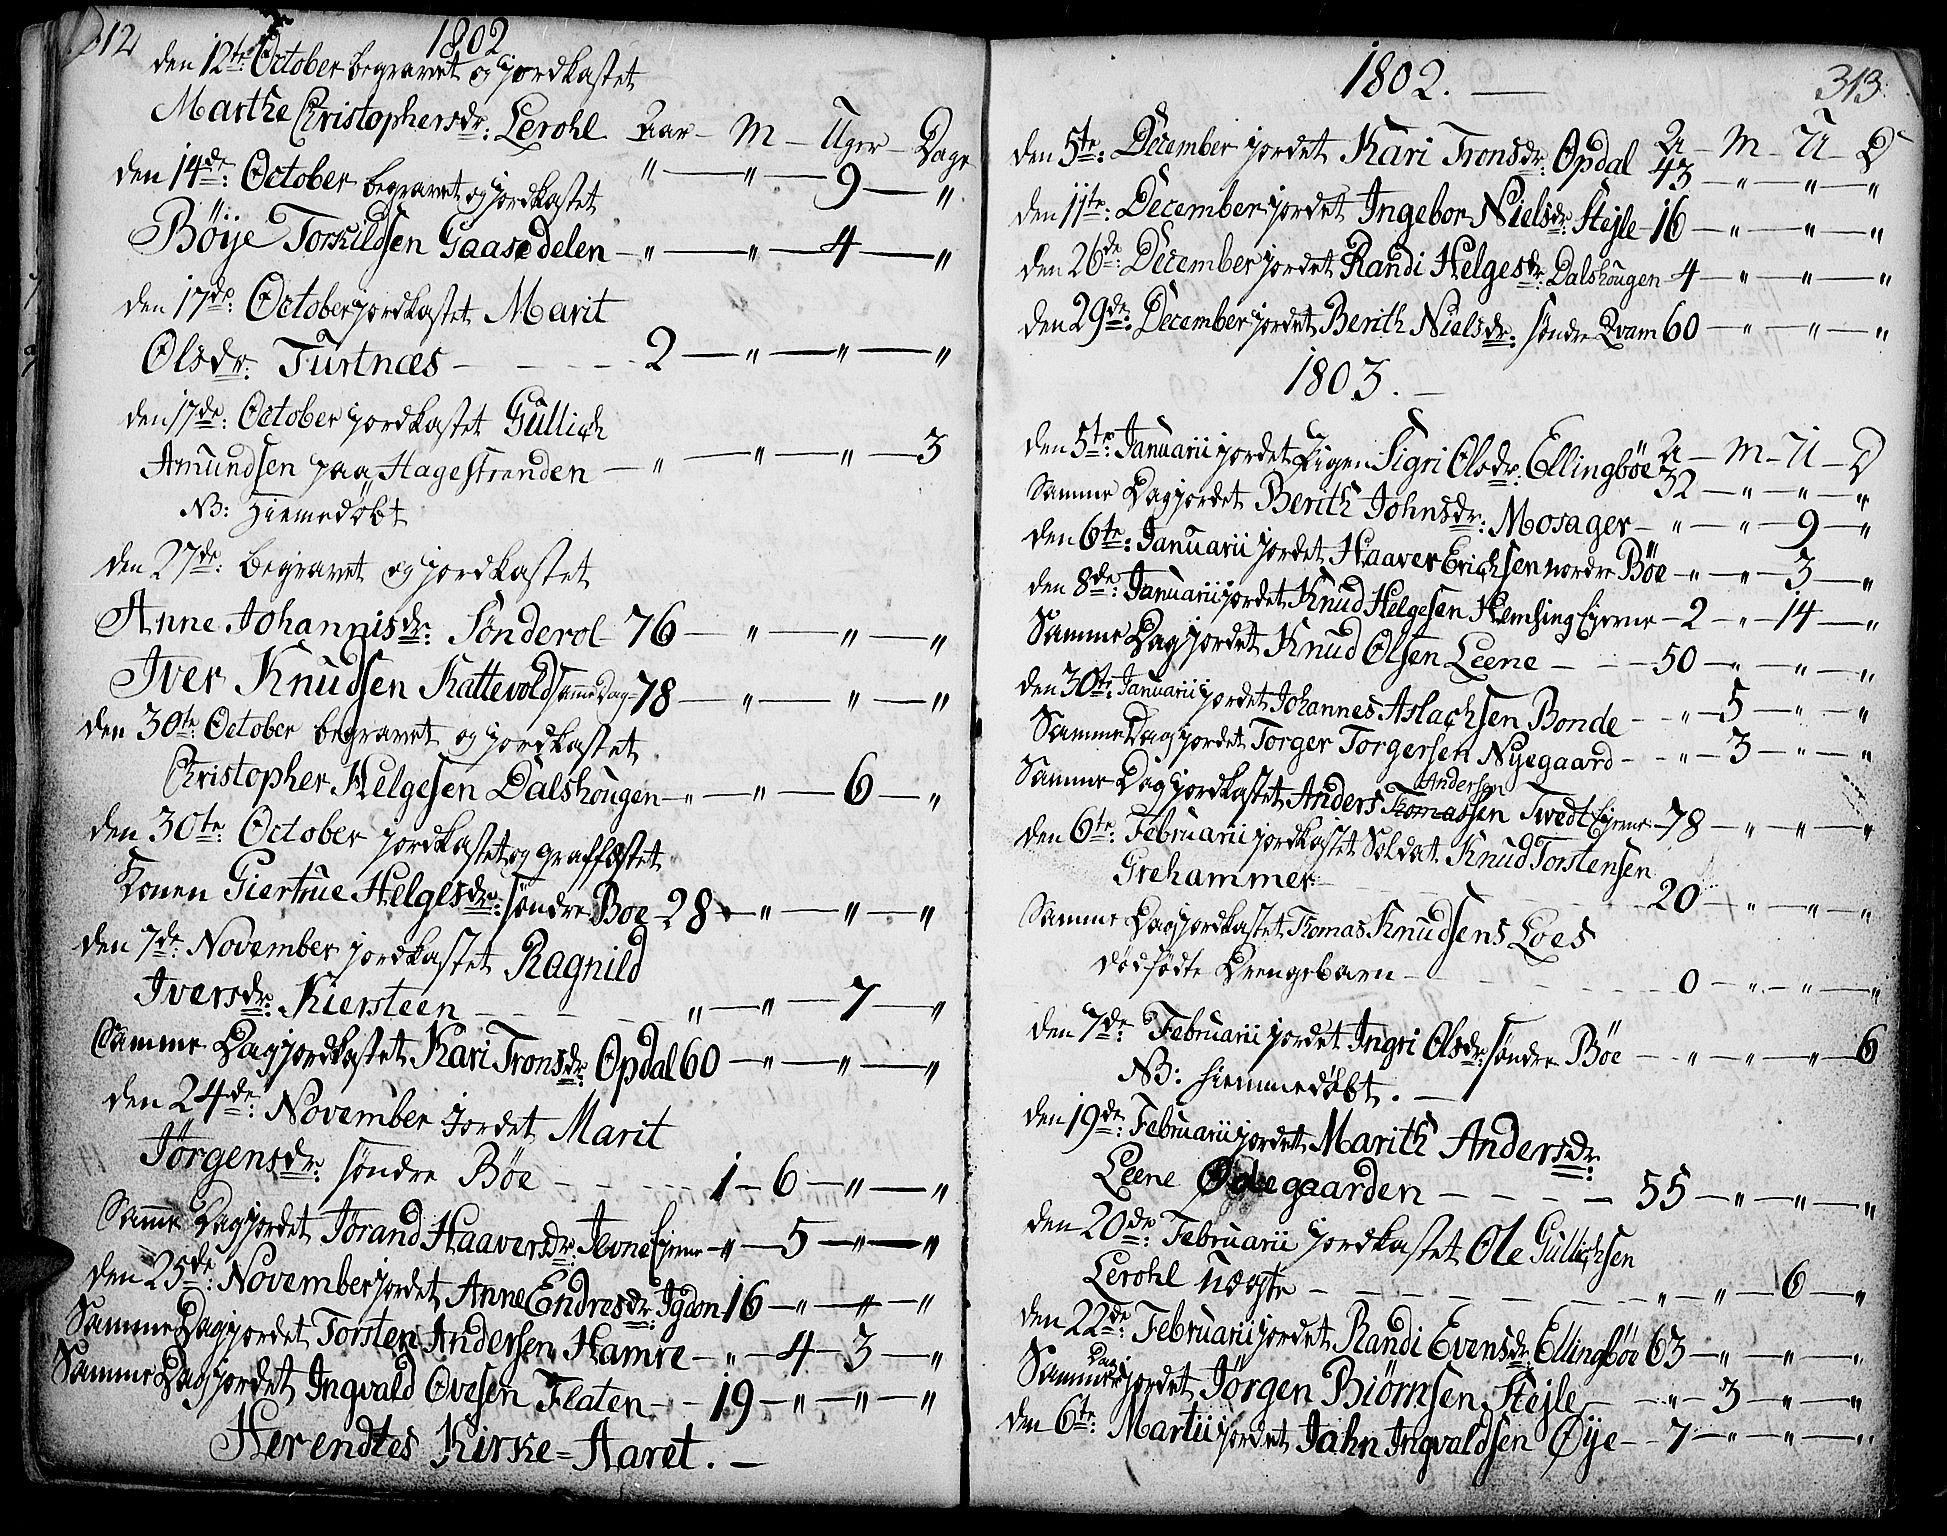 SAH, Vang prestekontor, Valdres, Ministerialbok nr. 2, 1796-1808, s. 312-313